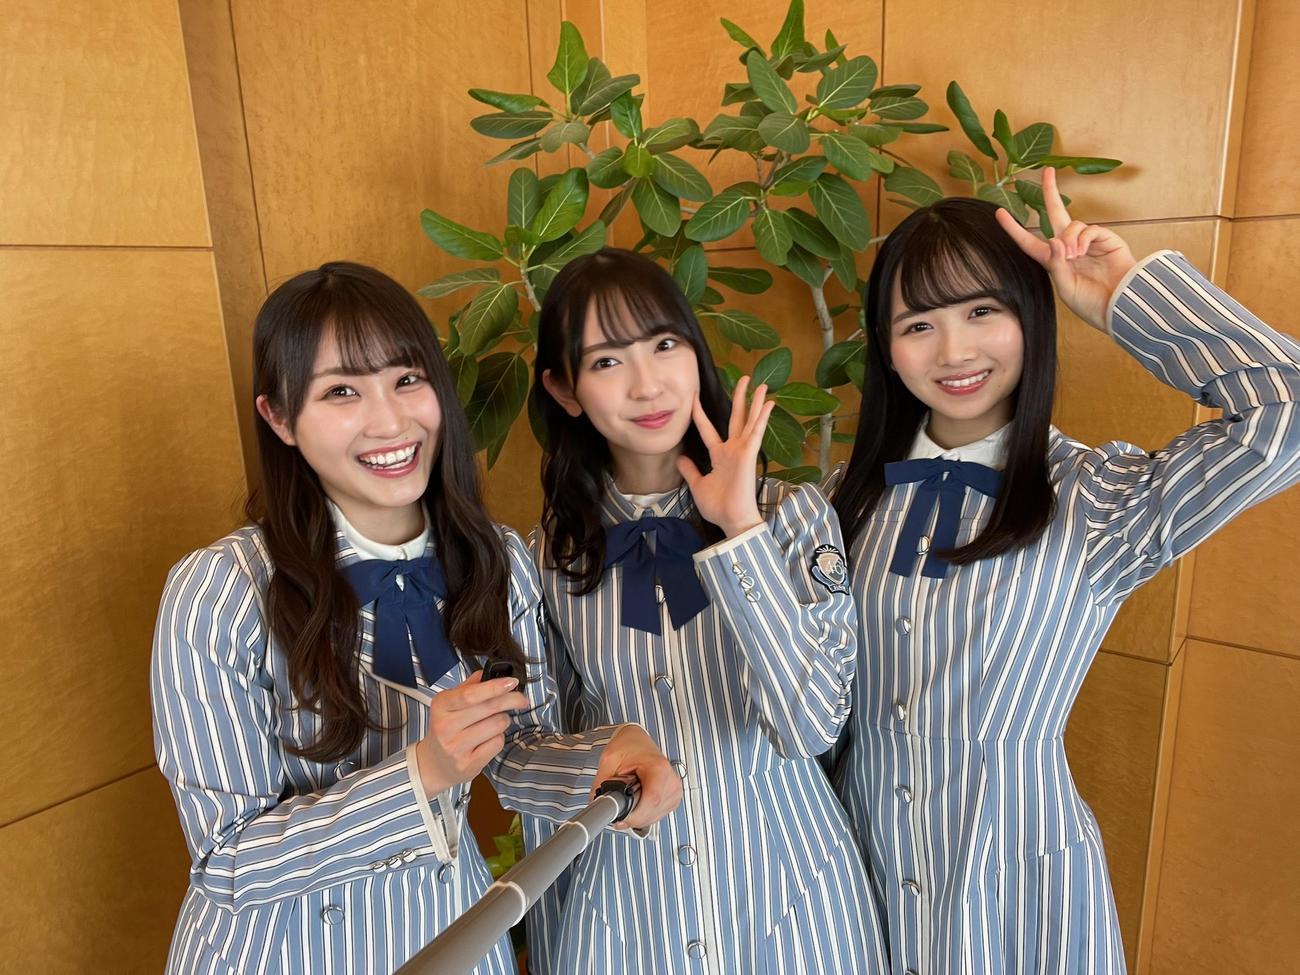 自撮り棒を使ってスリーショットを撮影する(左から)潮紗理菜、金村美玖、上村ひなの